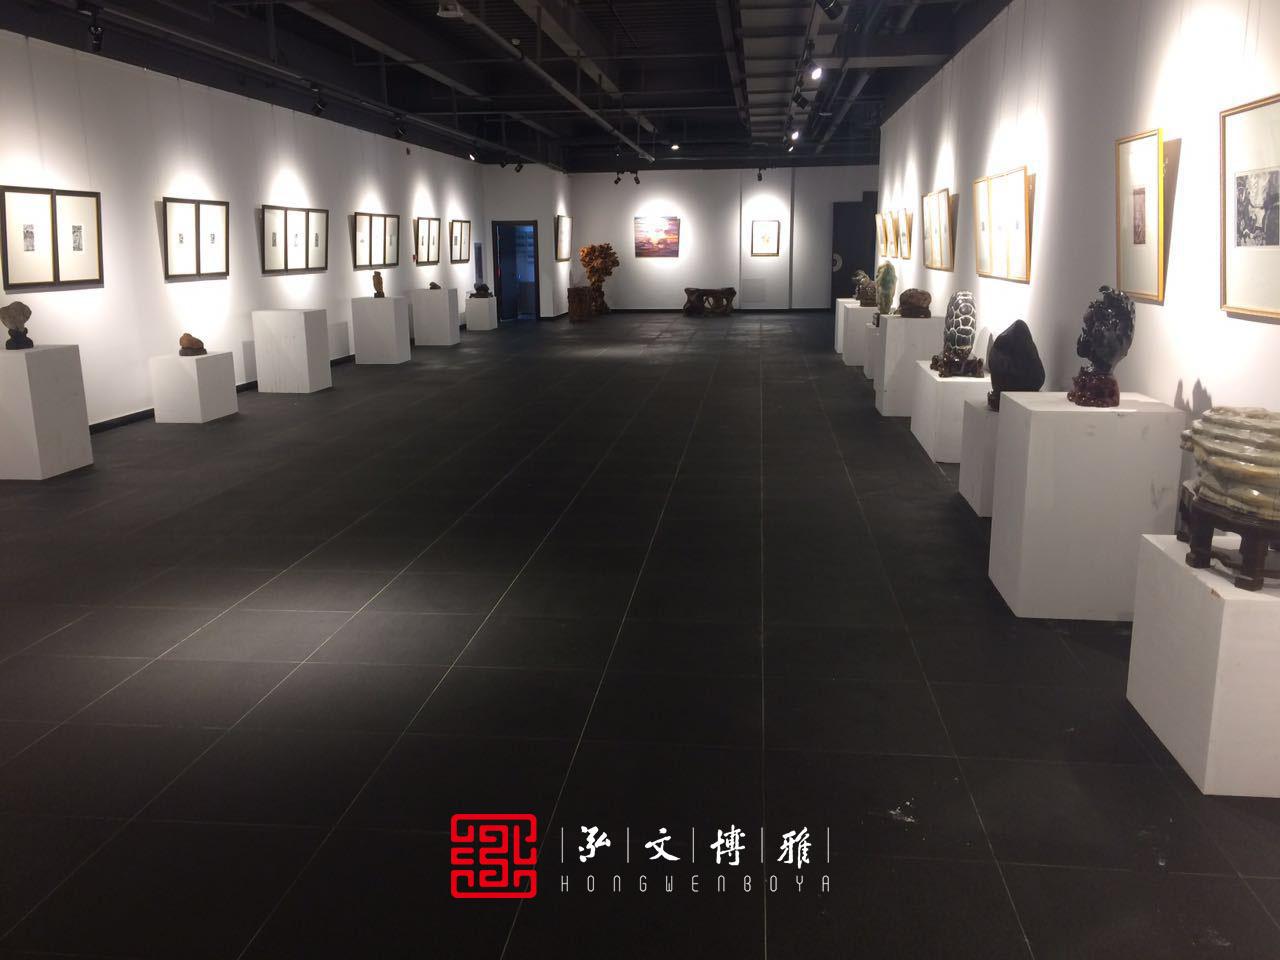 北京多层创意设计产业v多层在泓文博雅艺术馆matlab面绘制等值国际图片